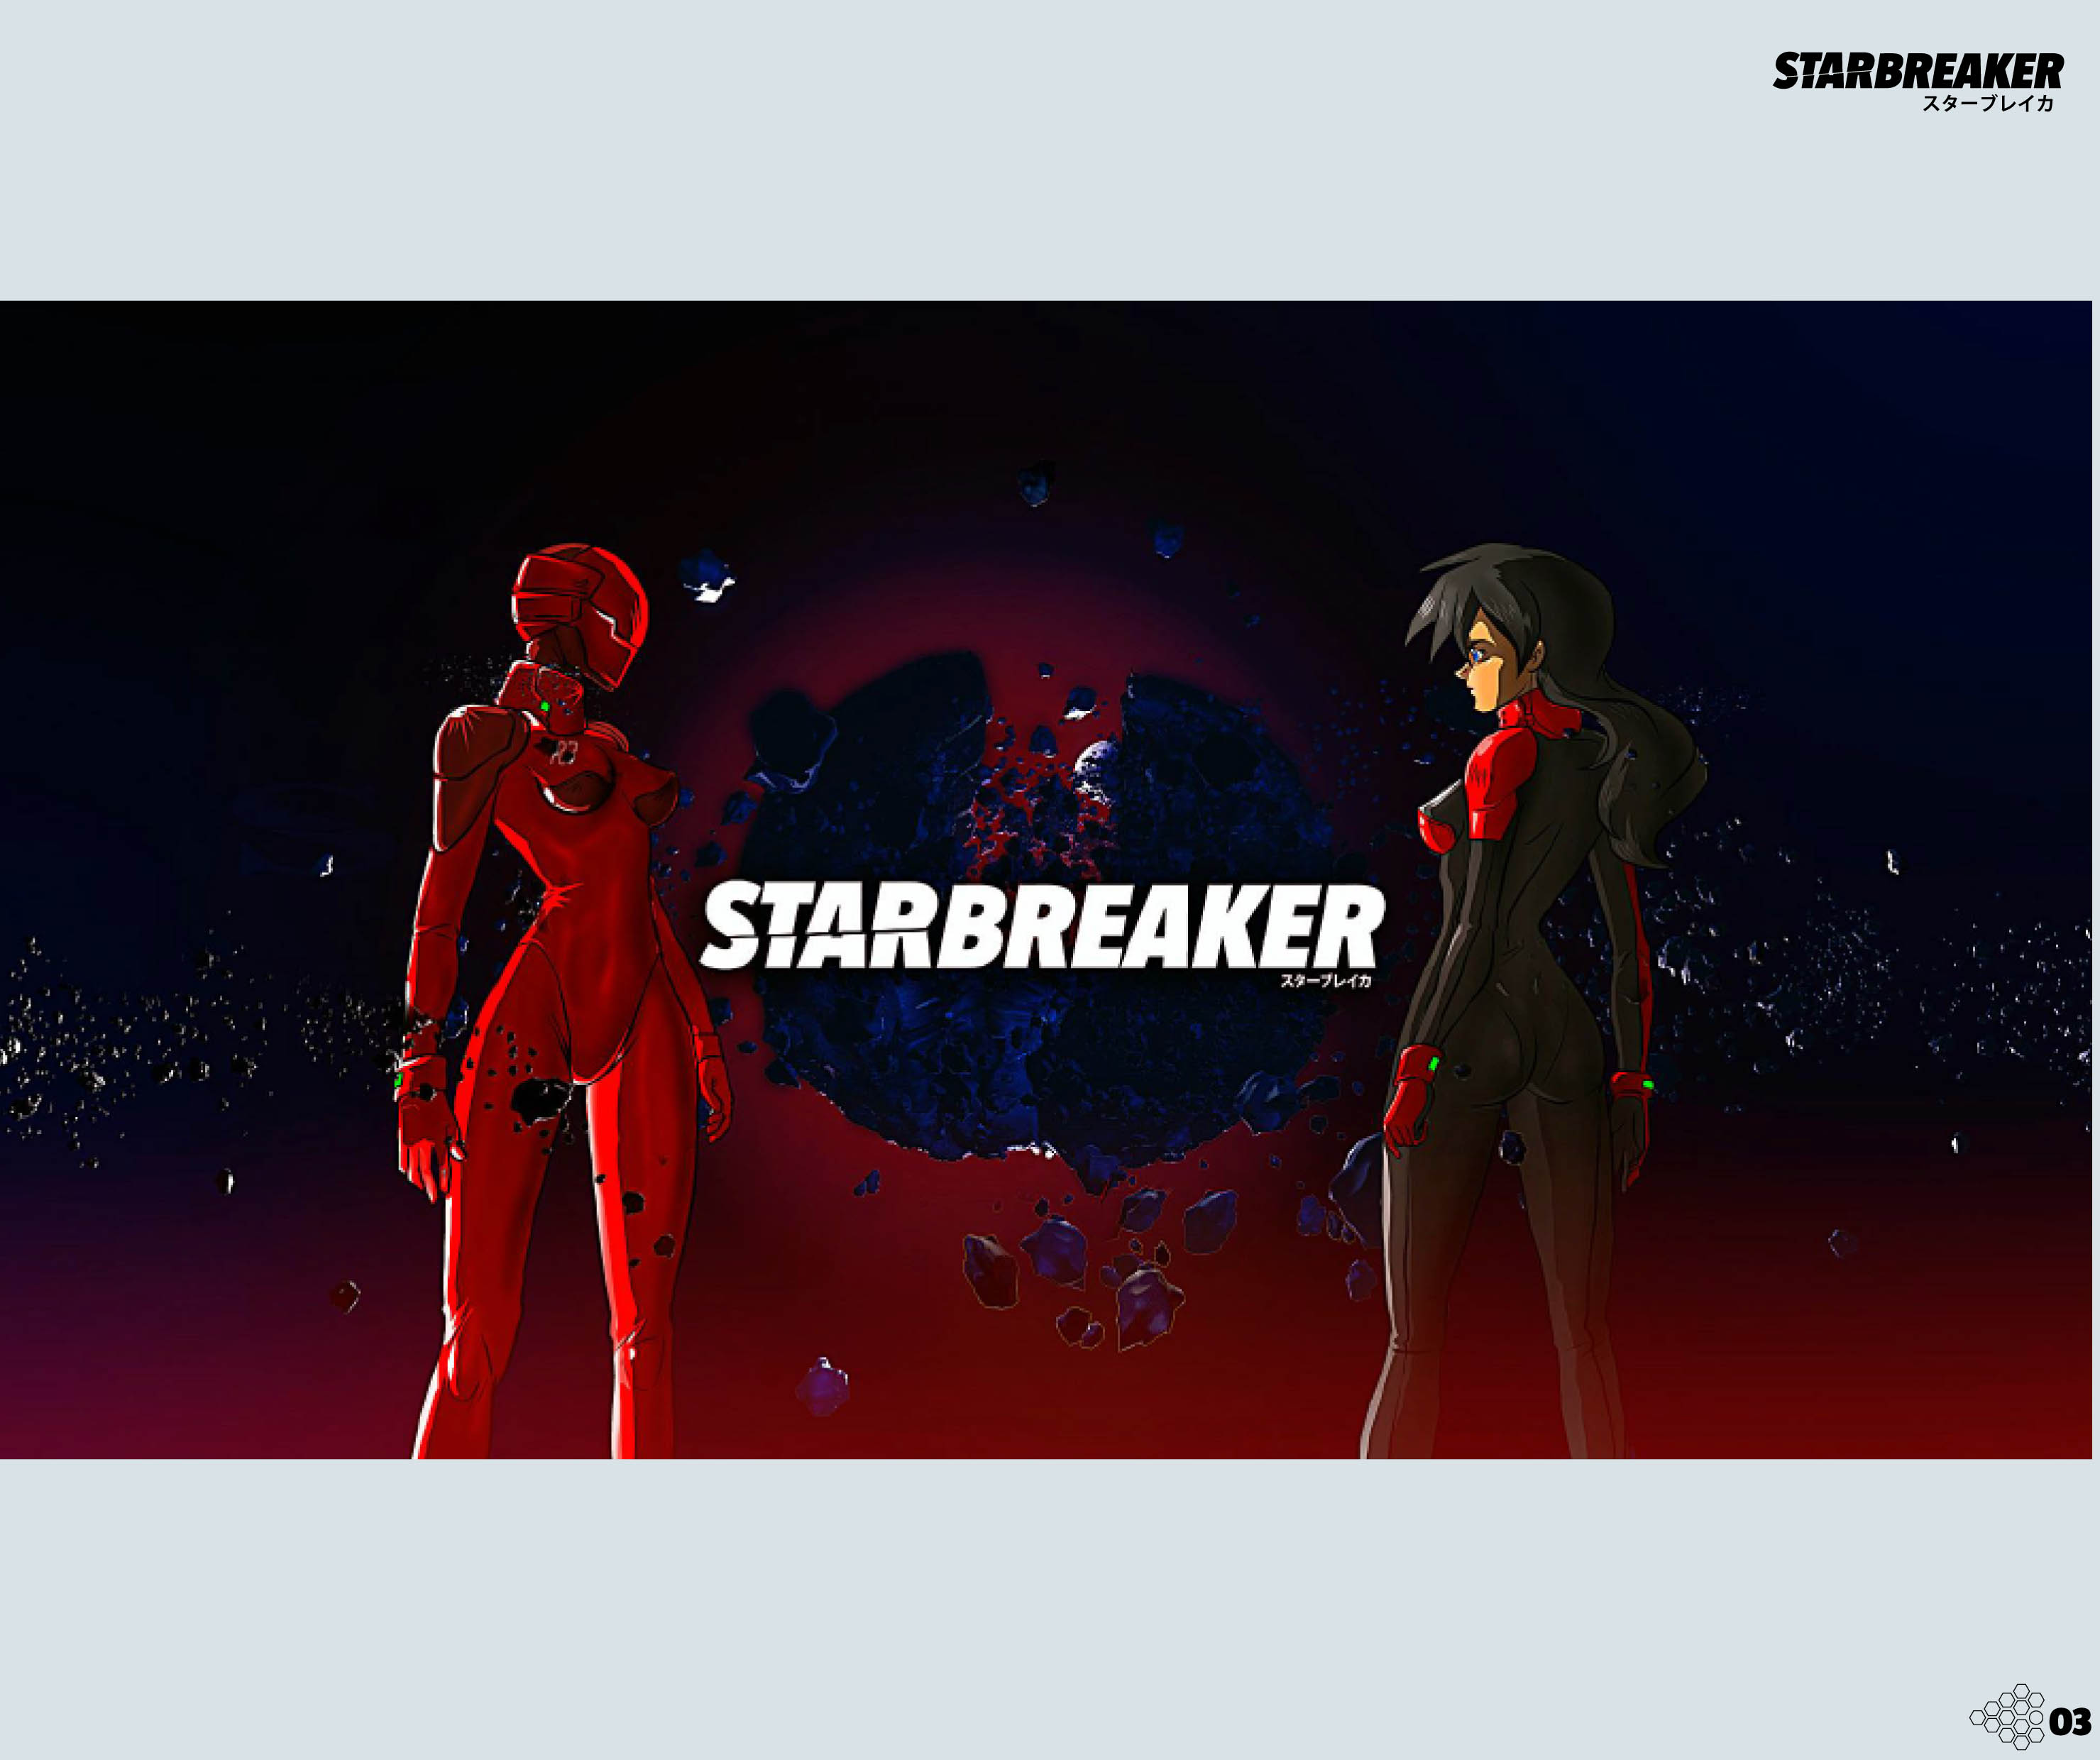 ANIME ÓMICRON: Starbreaker